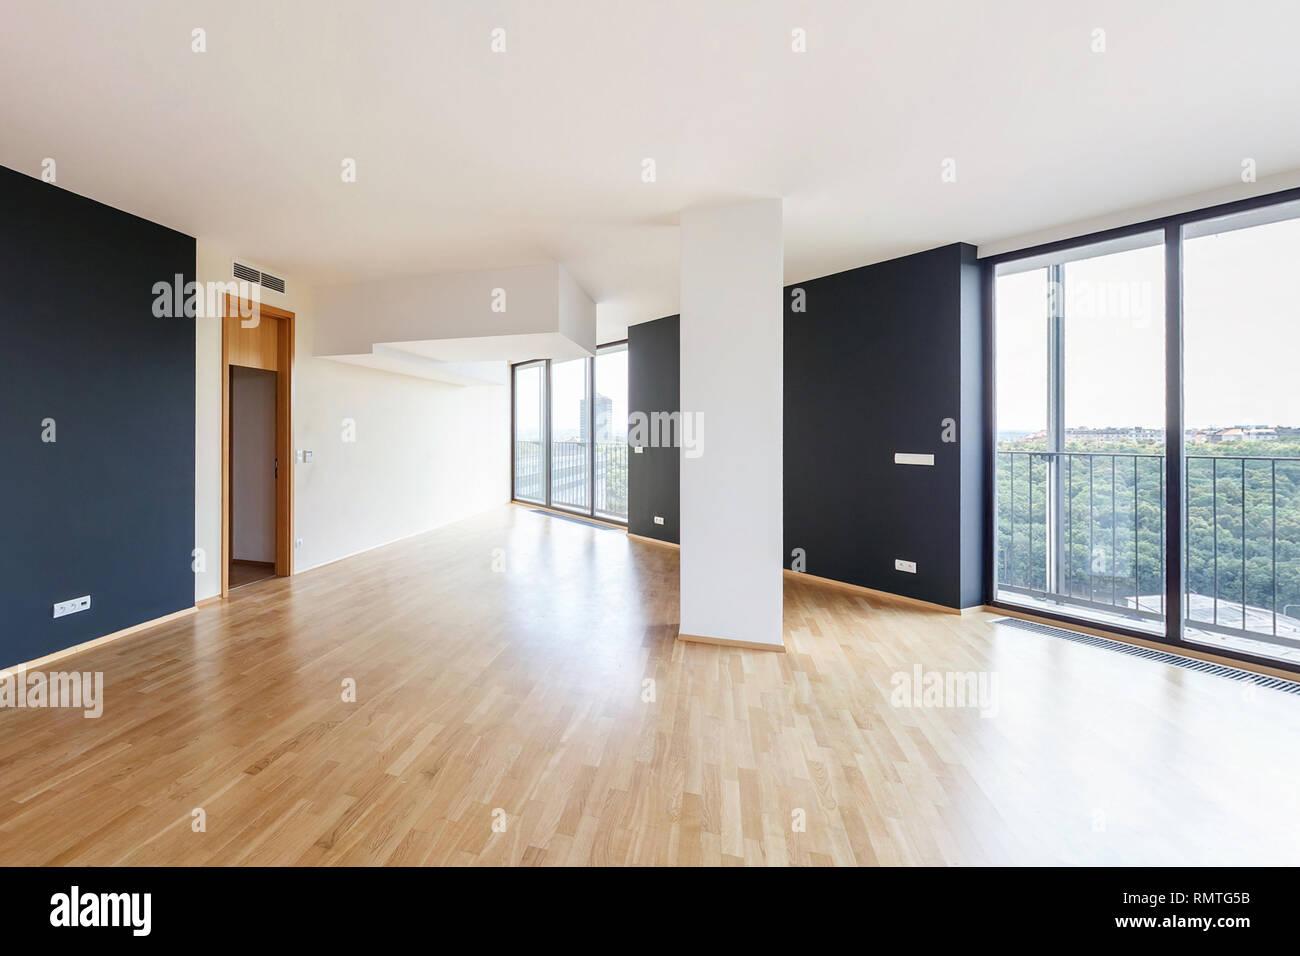 Moderne weiße Leere loft apartment Interieur mit ...